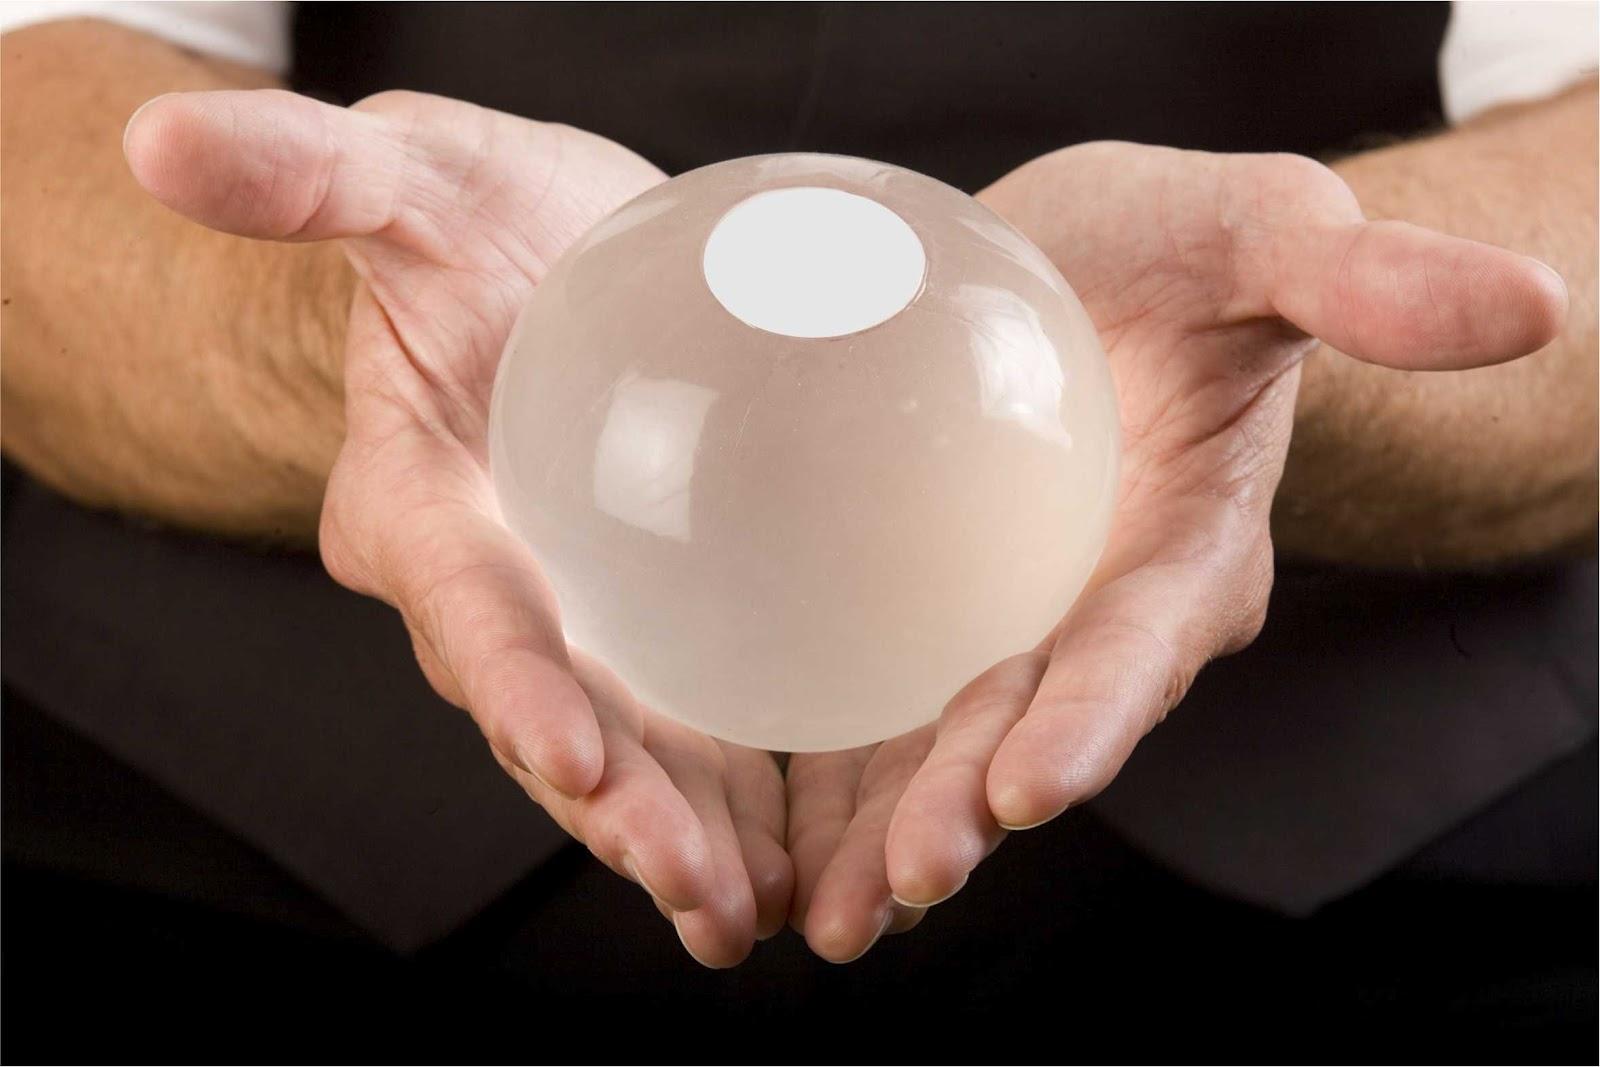 Balão Intragástrico é utilizado como método de emagrecimento saudável e eficaz em casos de Sobrepeso e Obesidade